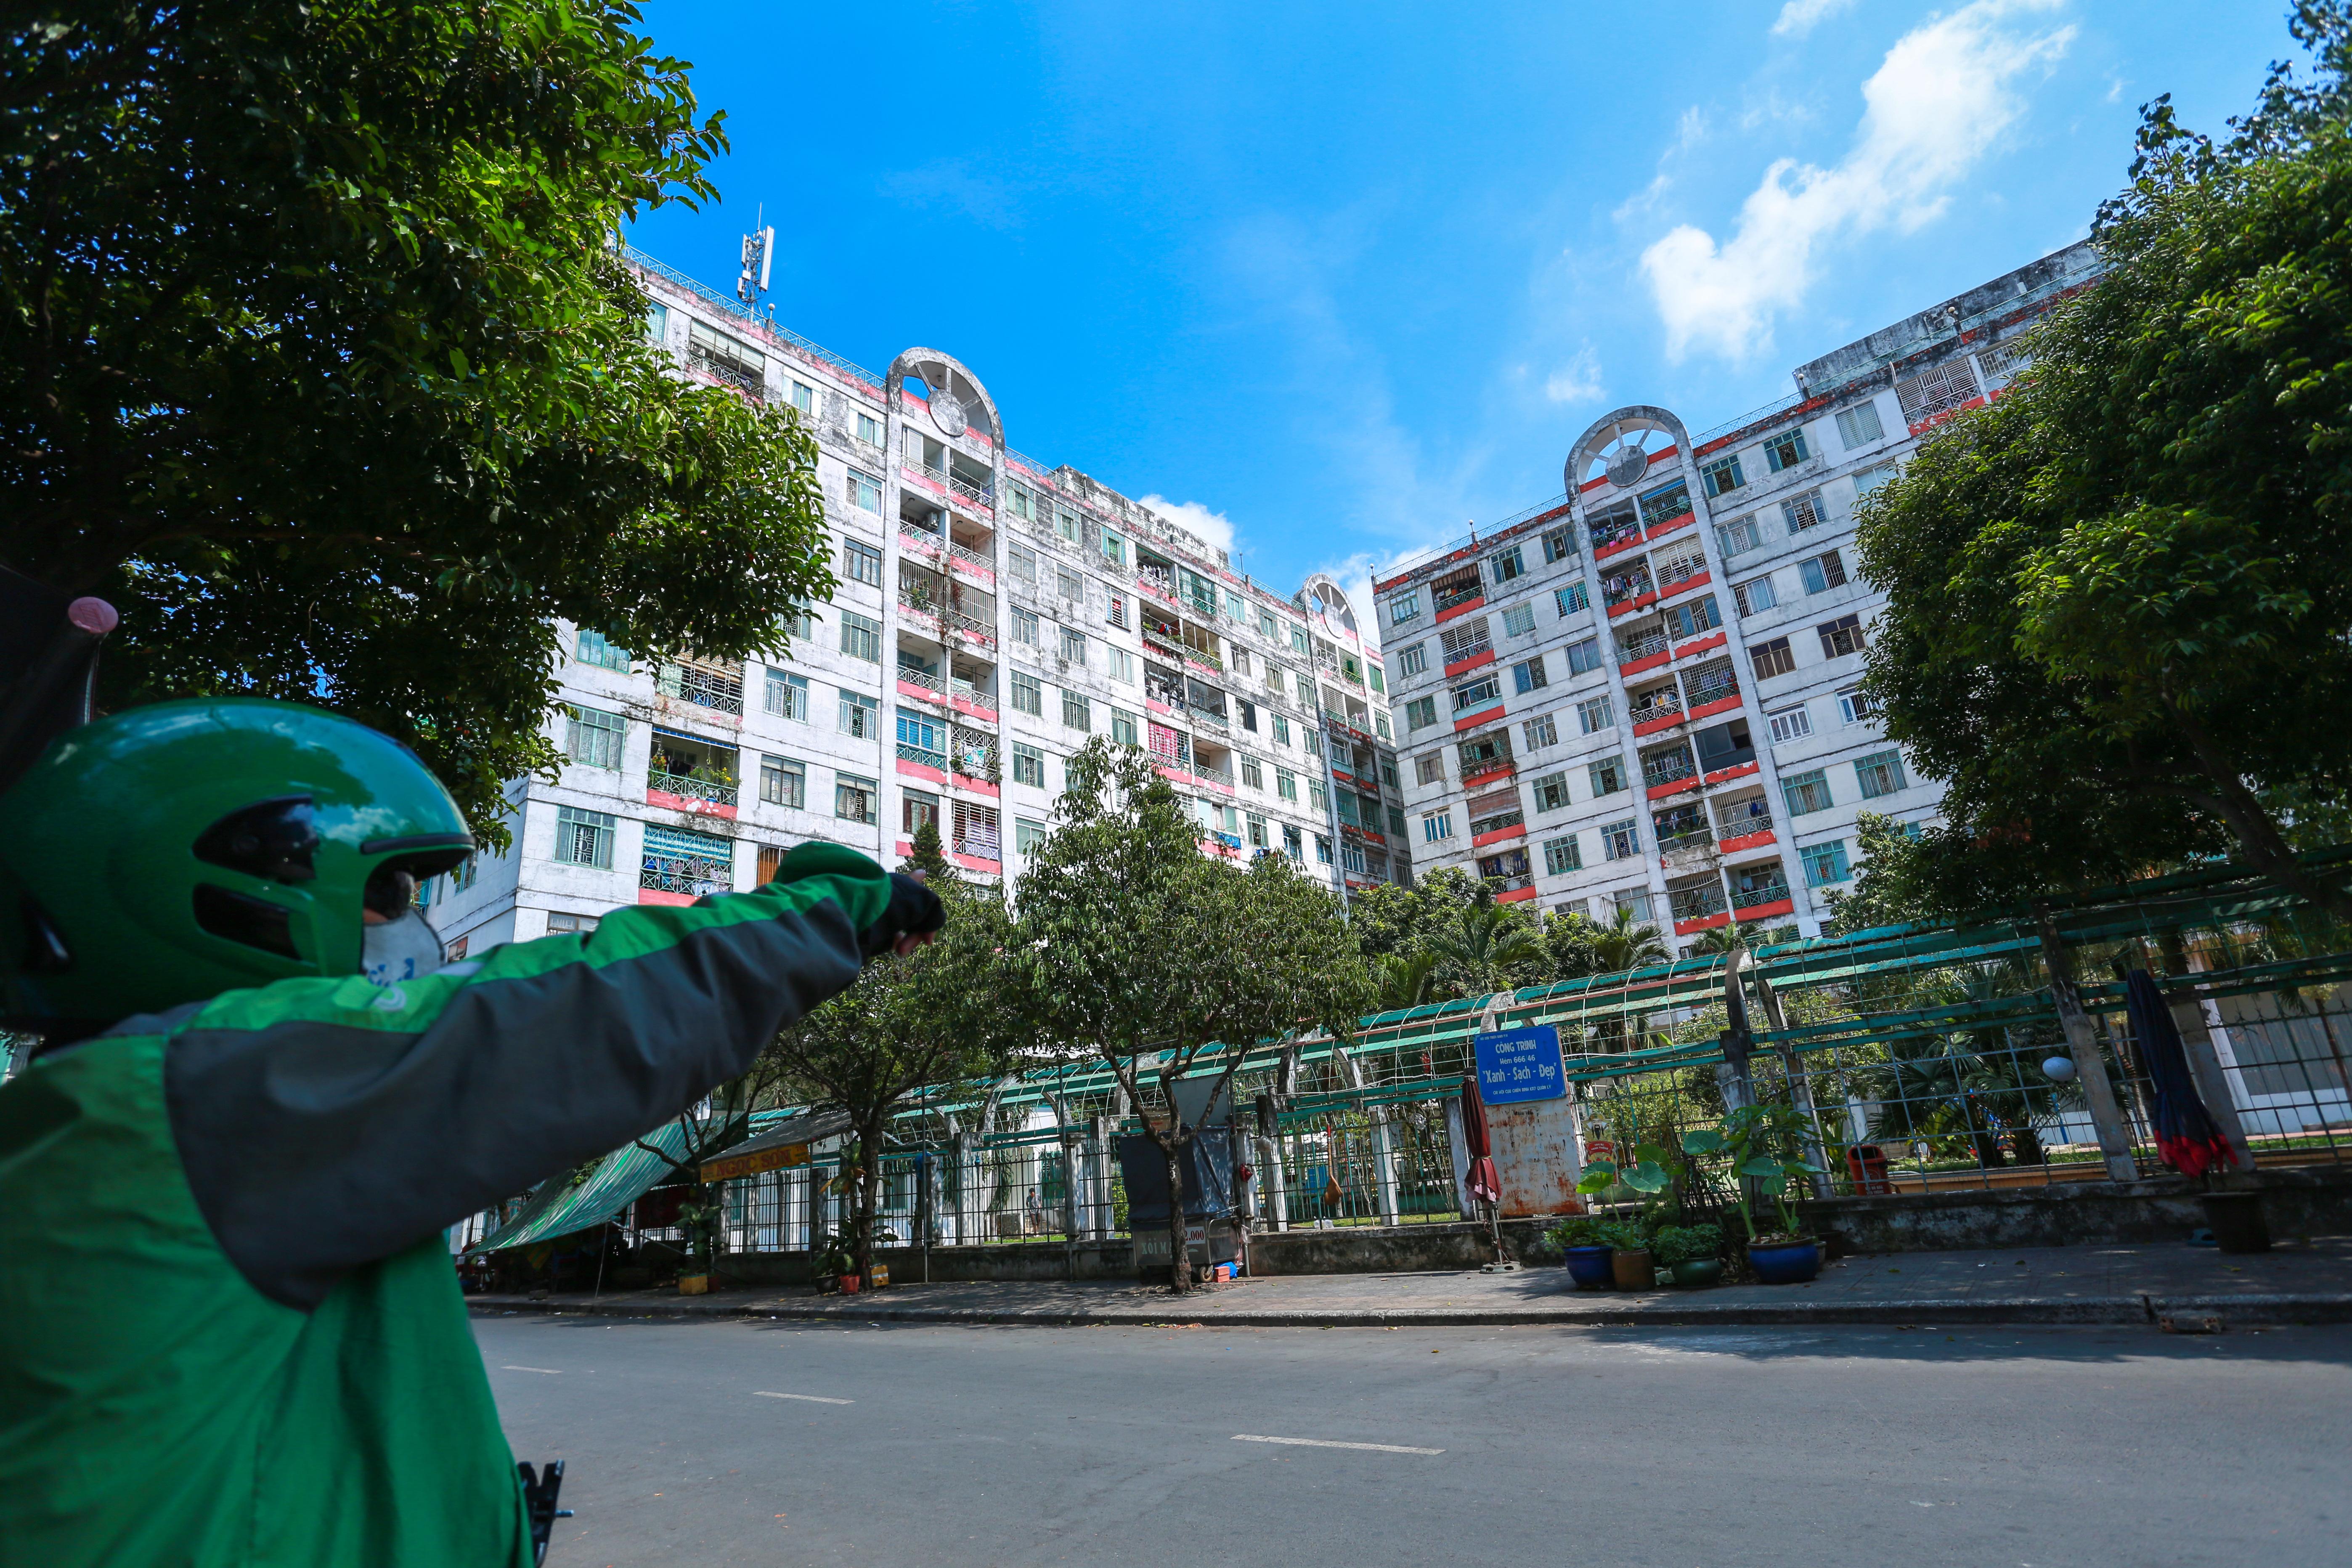 [ẢNH] Phong toả chung cư có ca nhiễm Covid-19 thứ 48 ở Sài Gòn, cư dân nhận tiếp tế lương thực qua hàng rào - Ảnh 1.